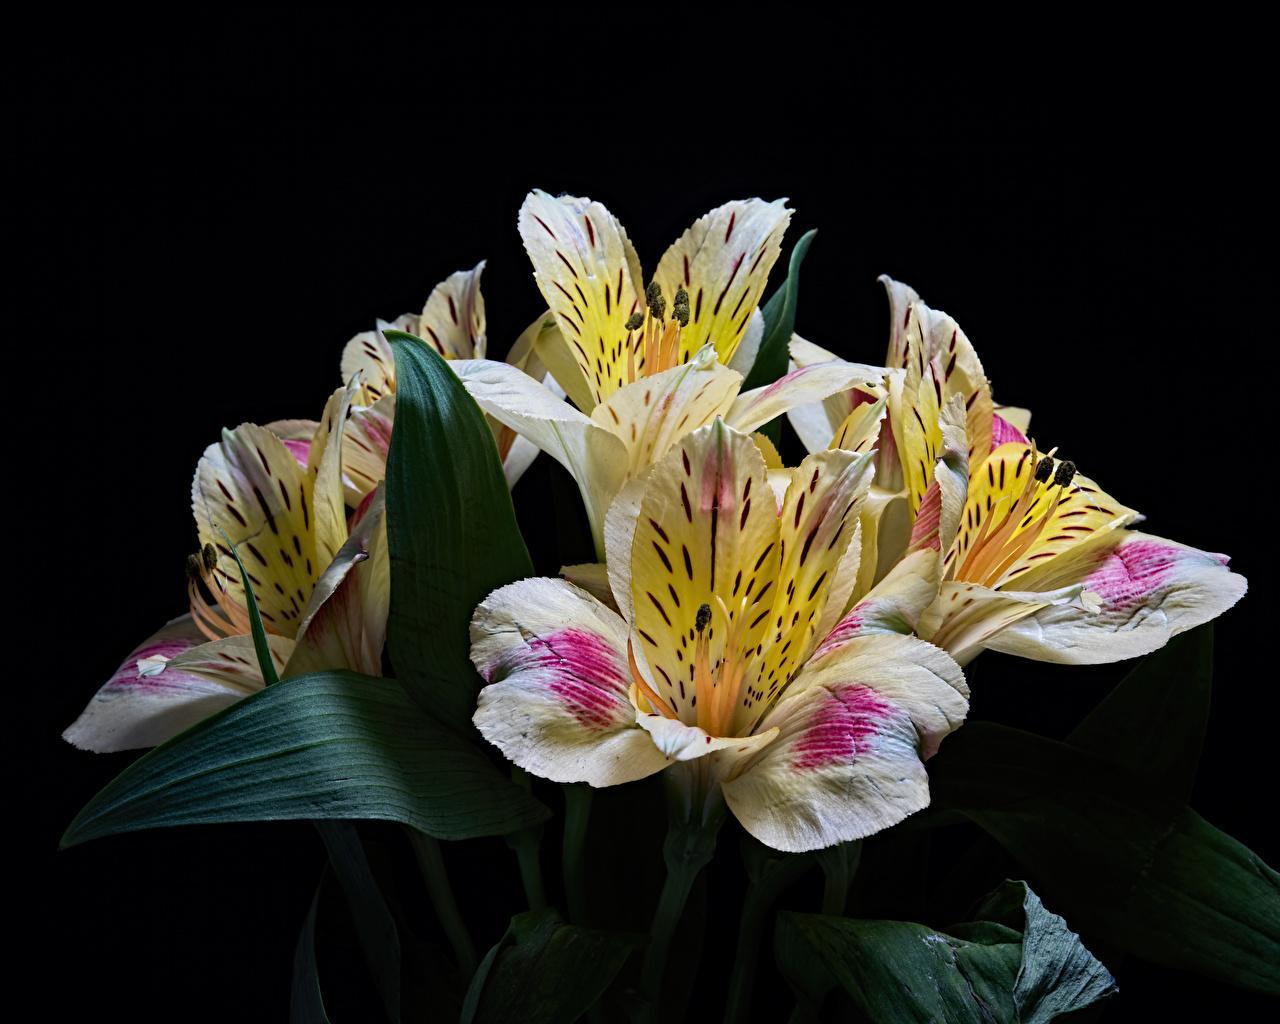 Фотографии Цветы Альстрёмерия Черный фон Крупным планом цветок вблизи на черном фоне